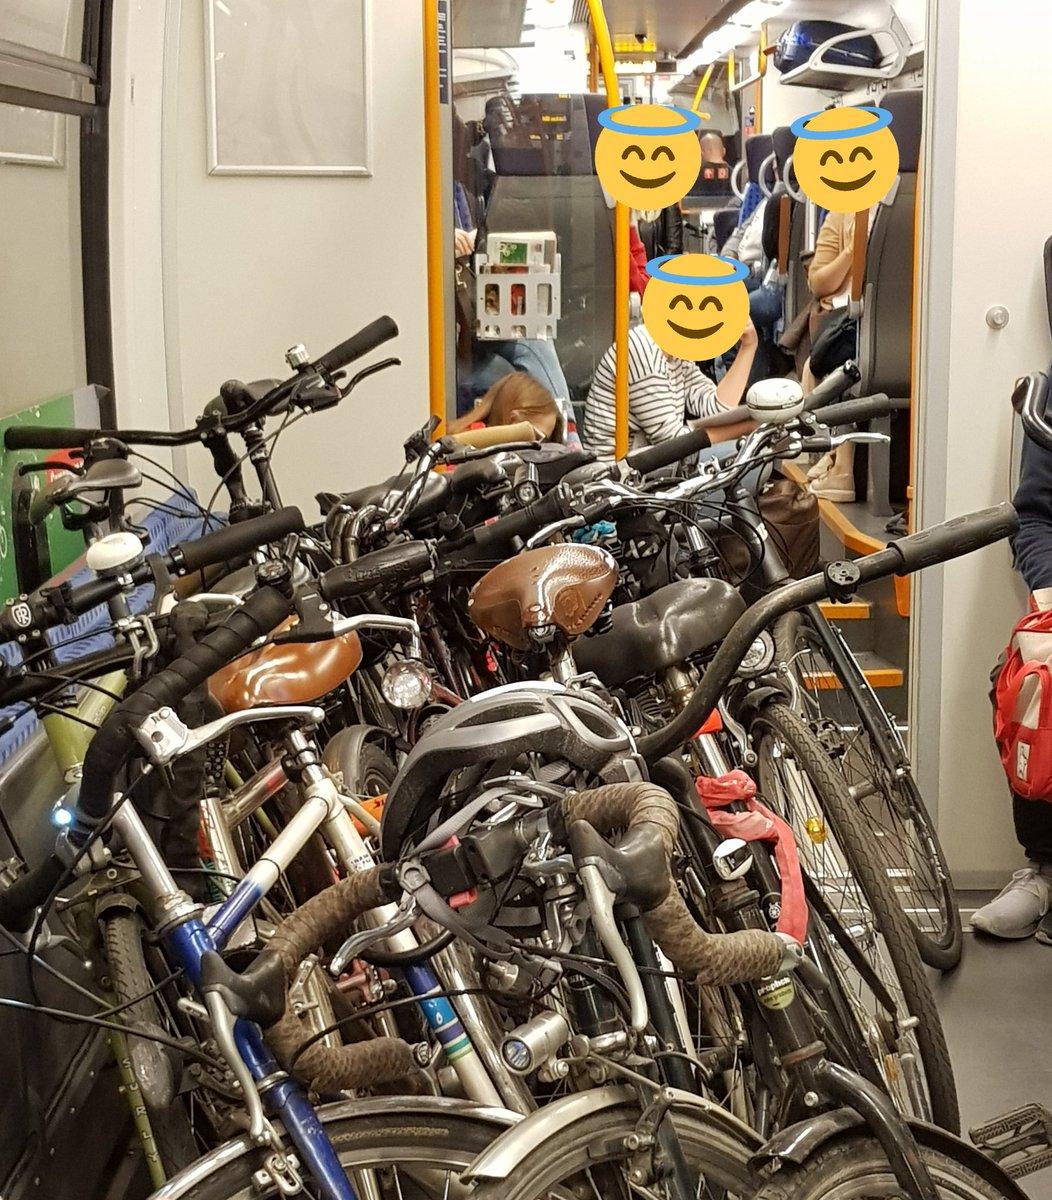 RT @phiboLE: Montagabend 19:20 in der S-Bahn von Halle nach Leipzig...well #radverkehr #intermodalität #öpnv https://t.co/94Bon34cxJ